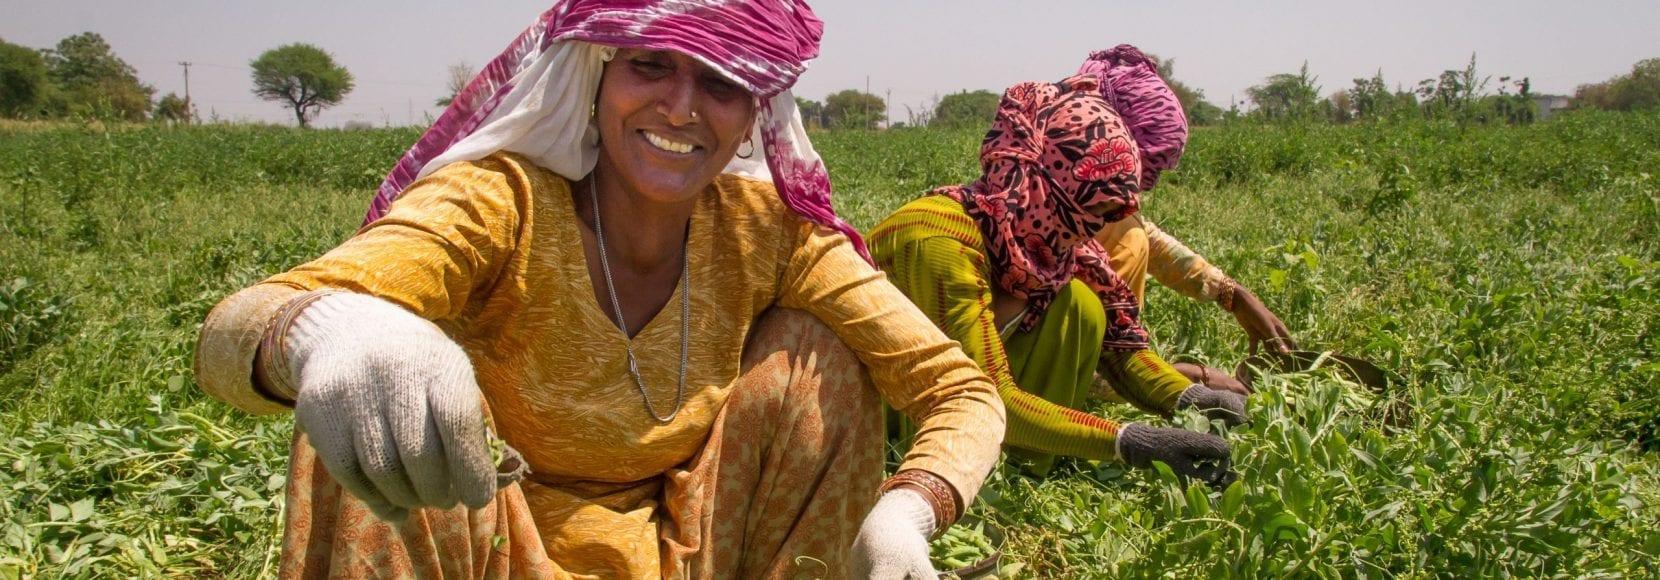 Women harvest peas in India